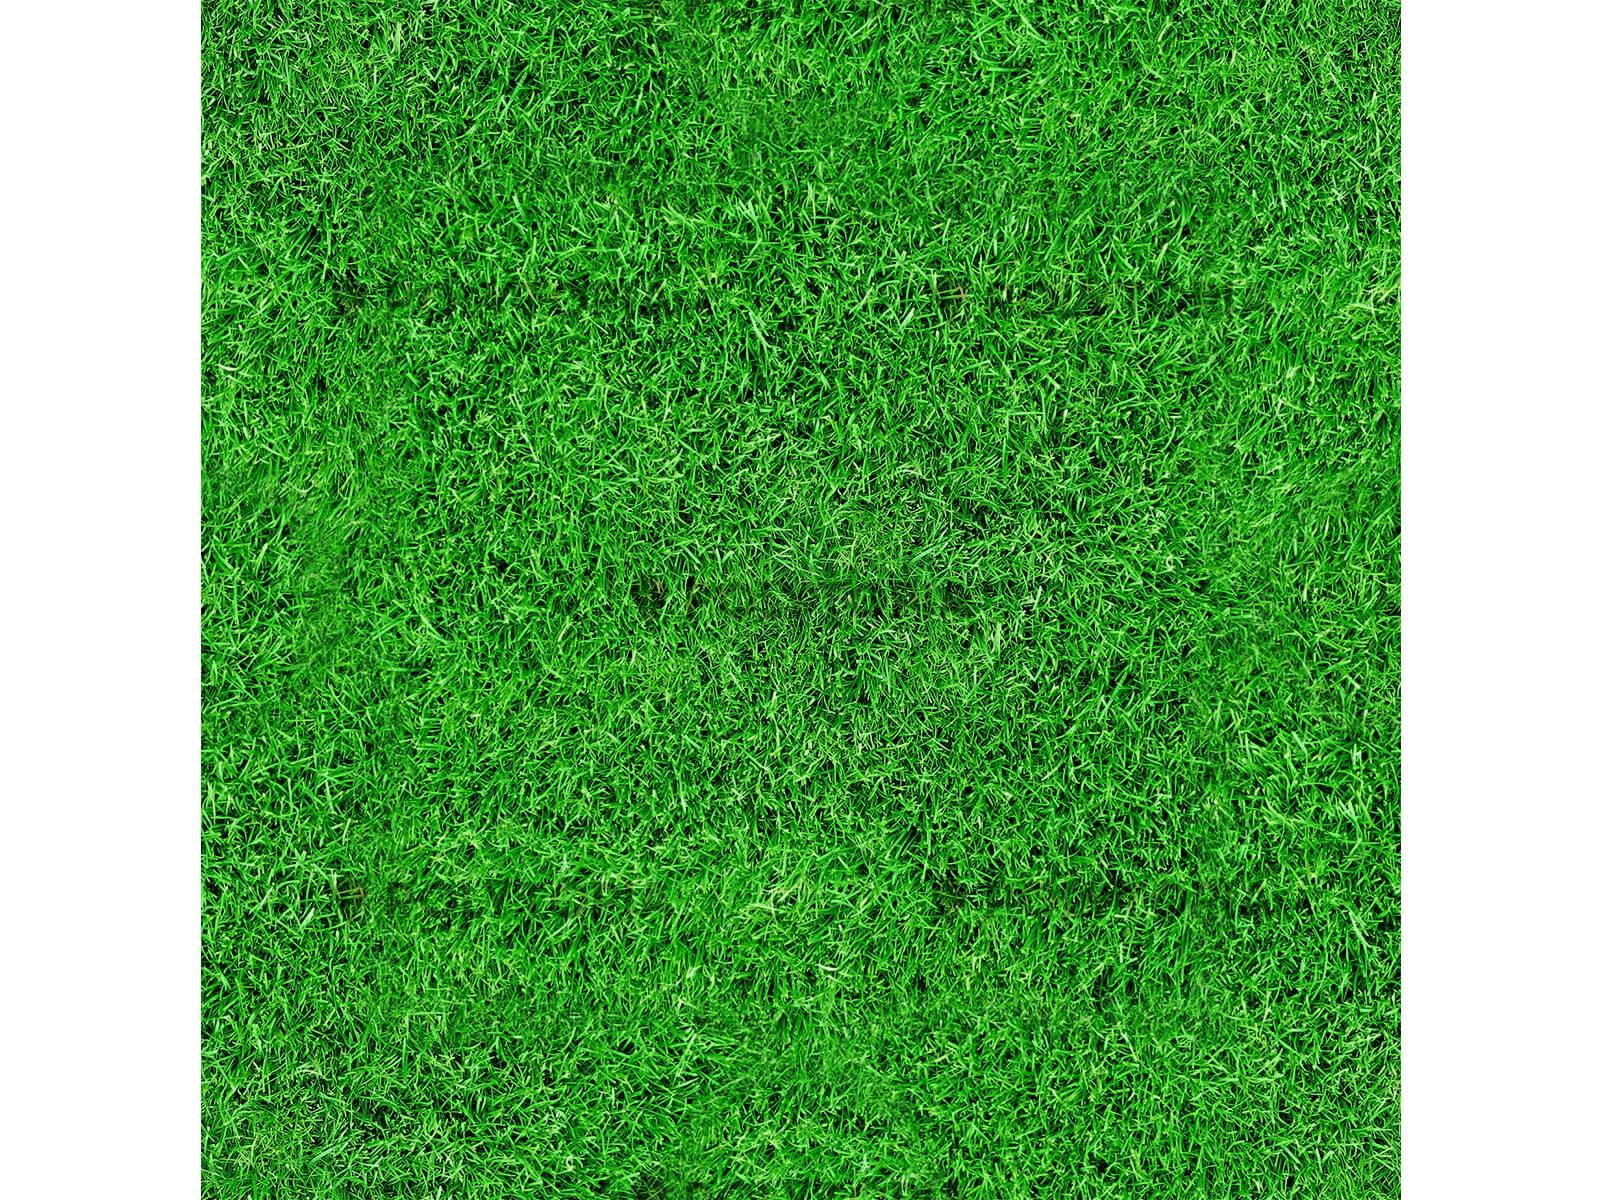 Grass texture 5